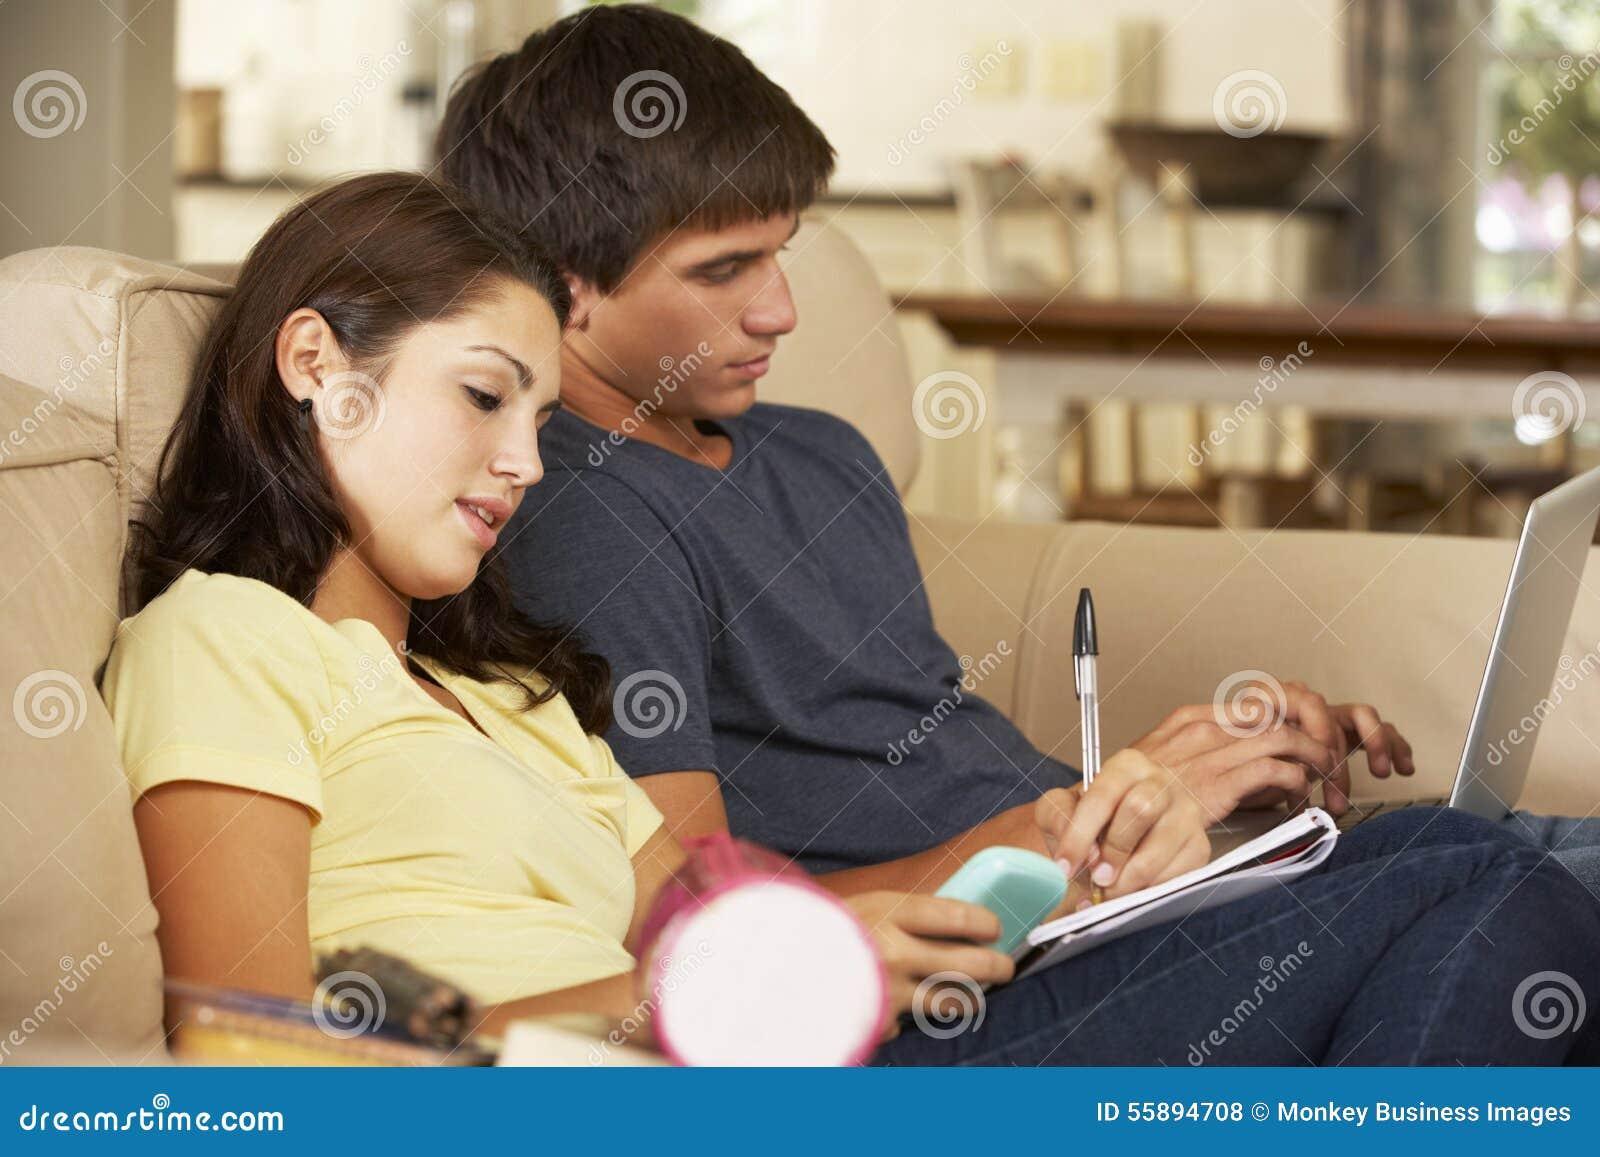 Teen Homework Help